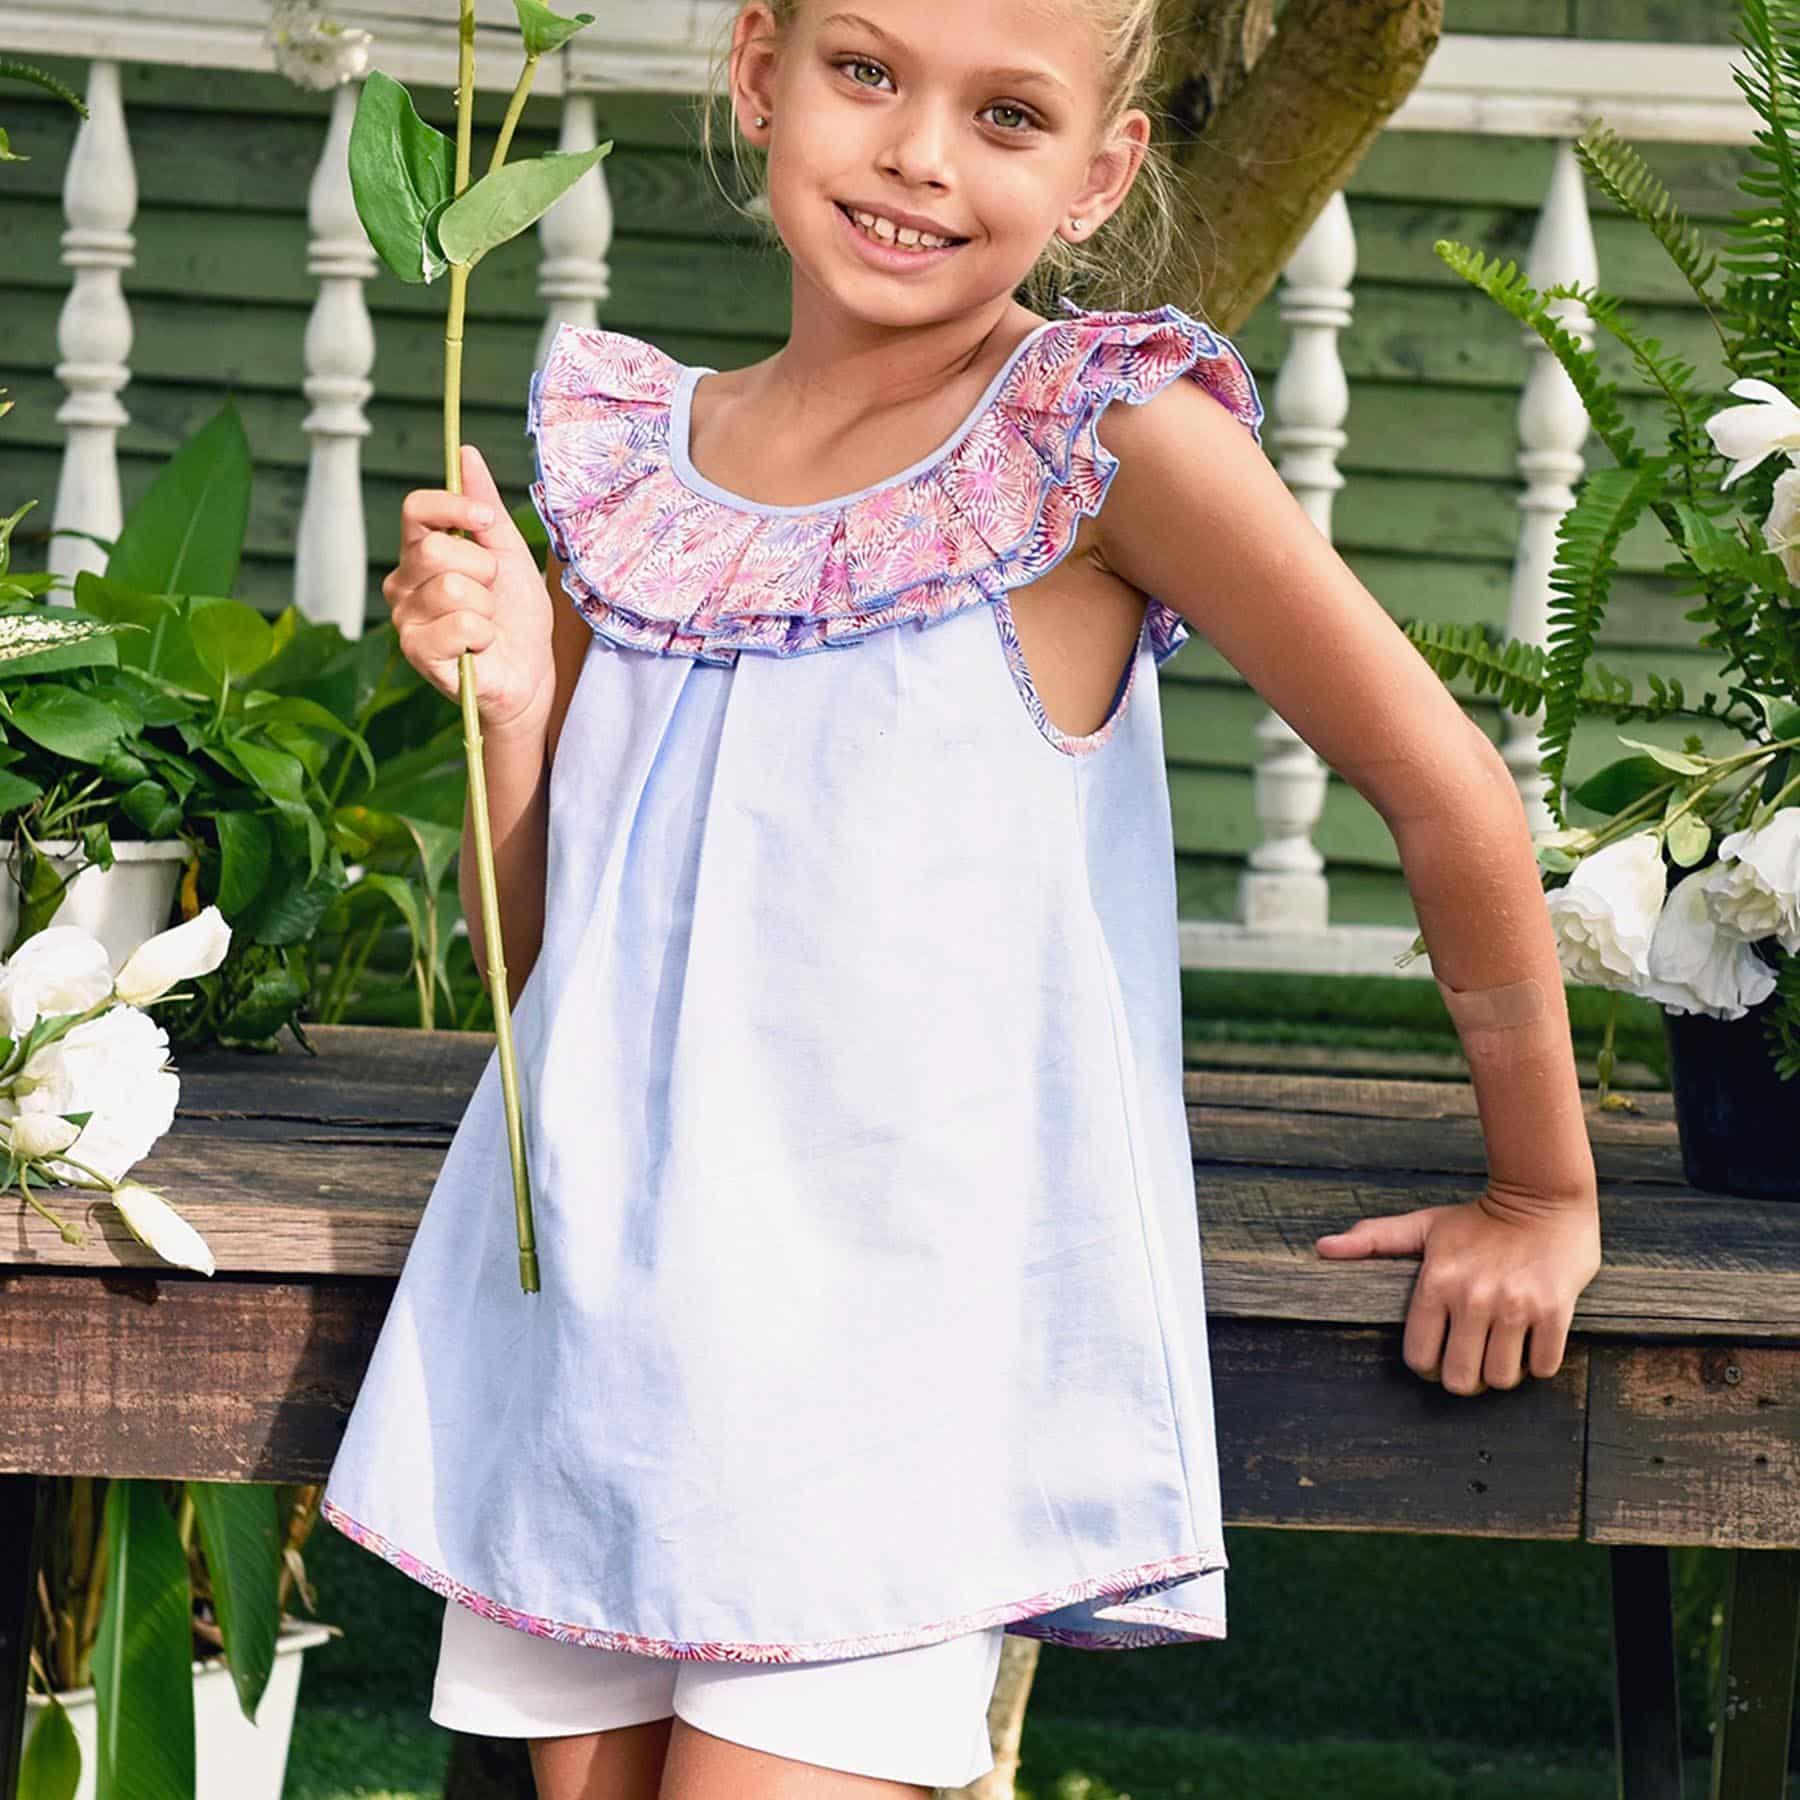 Blouse sans manches en coton bleu pastel avec col bateau à volants liberty rose et bleu pour filles de 2 à 12 ans